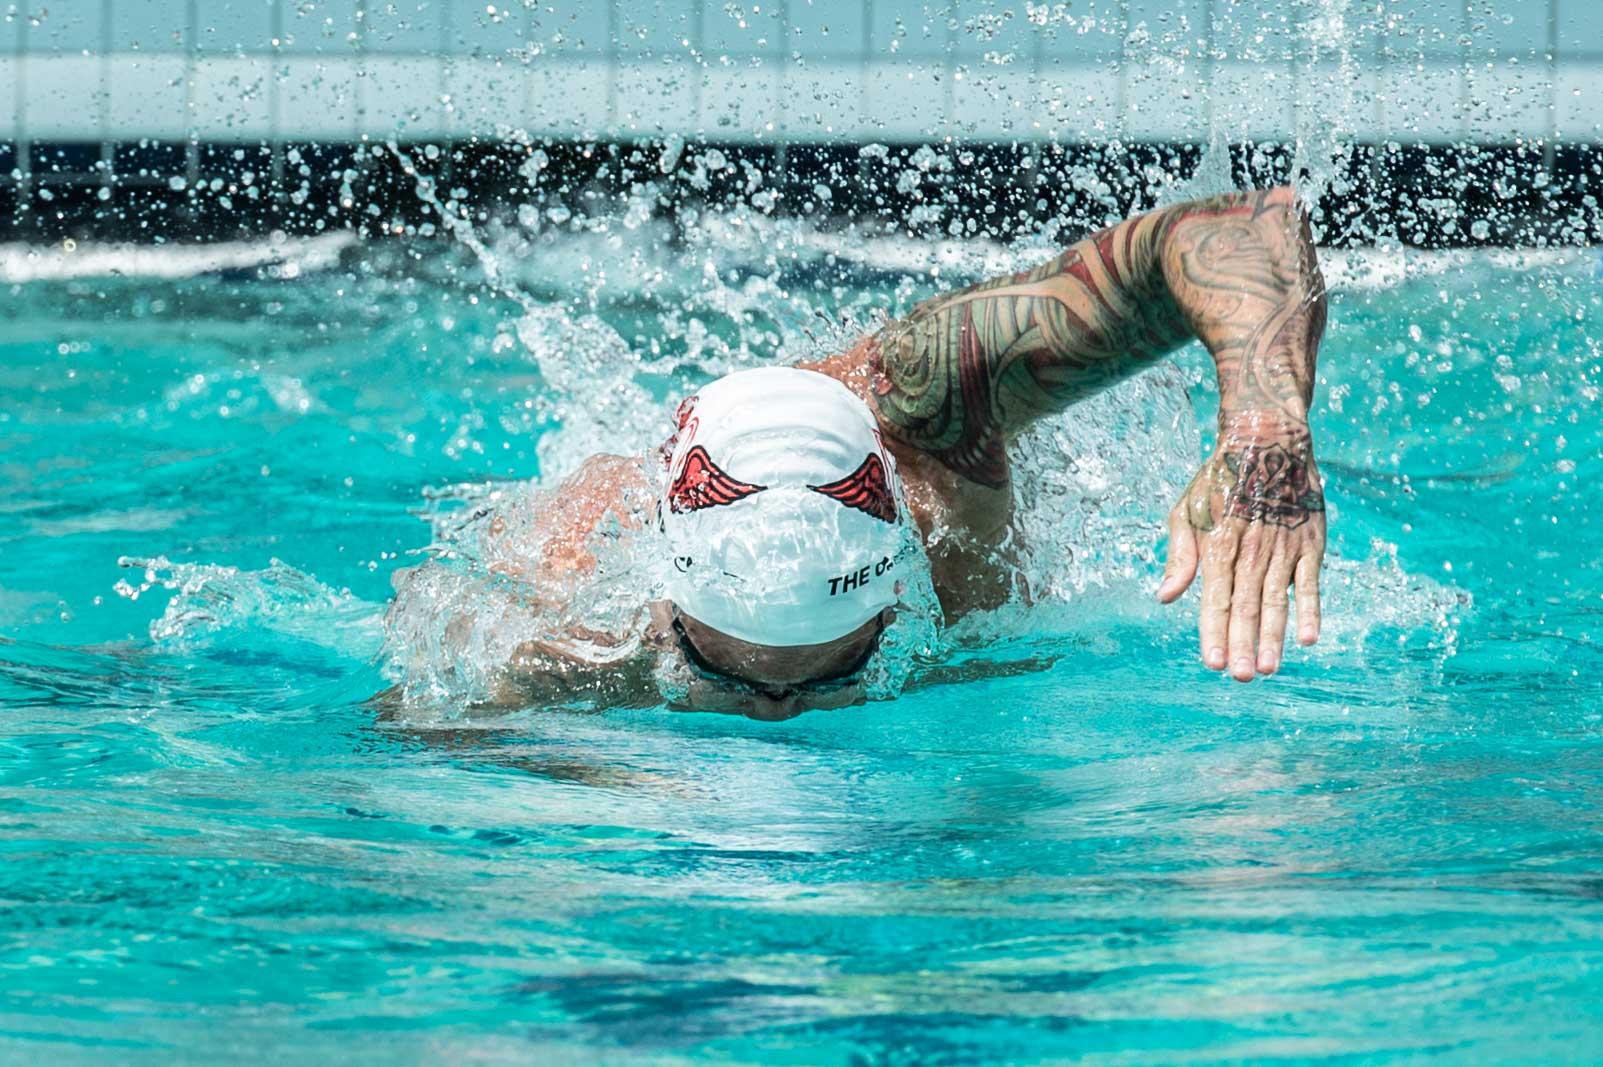 Bridge_Athletic_Swim_by_Mike_Lewis-31-2.jpg